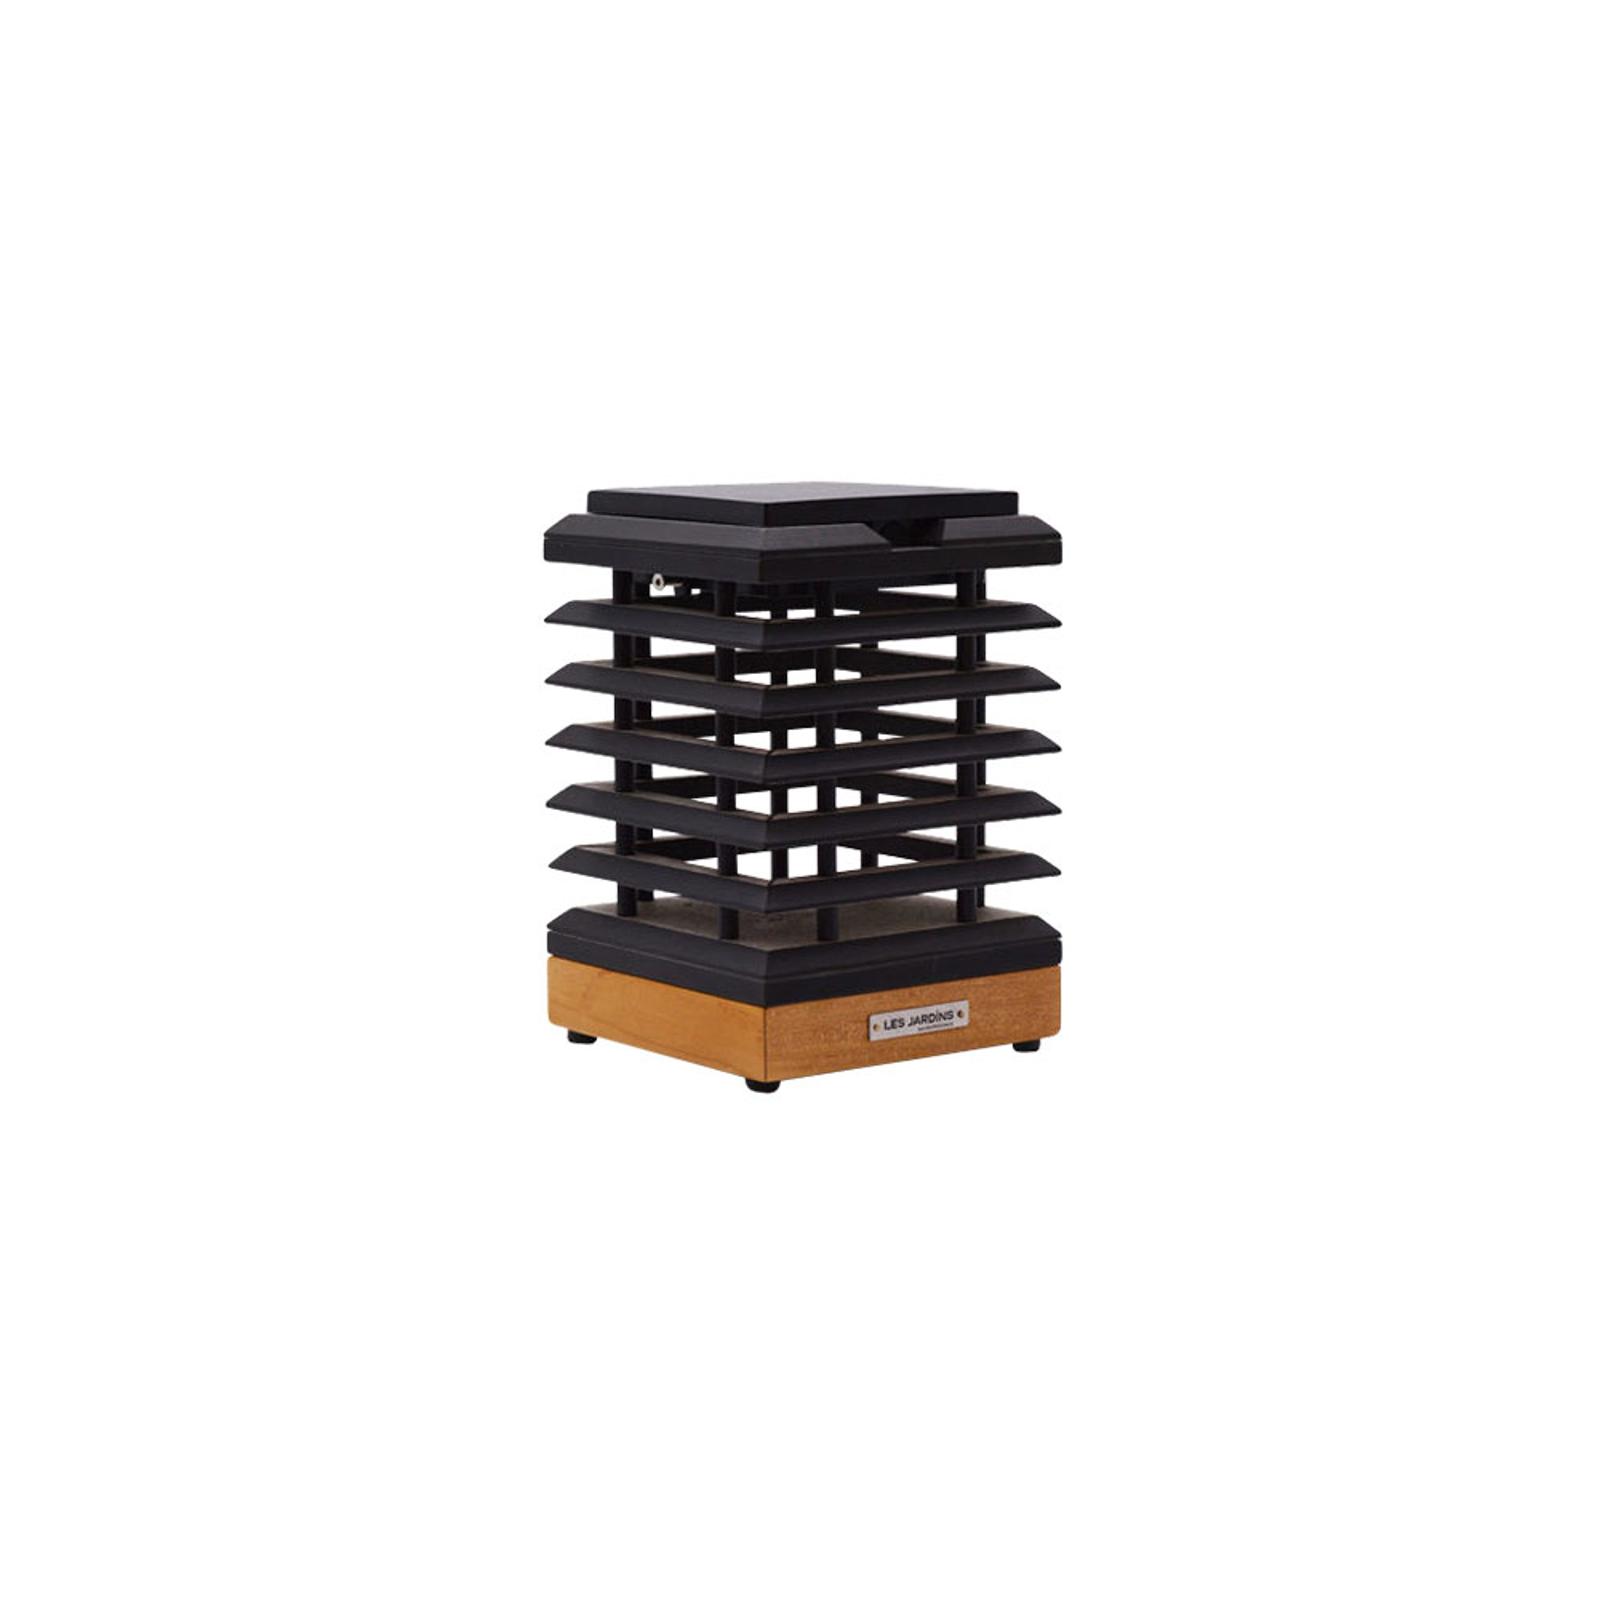 LED solární stolní lampa Tekura z teakového dřeva